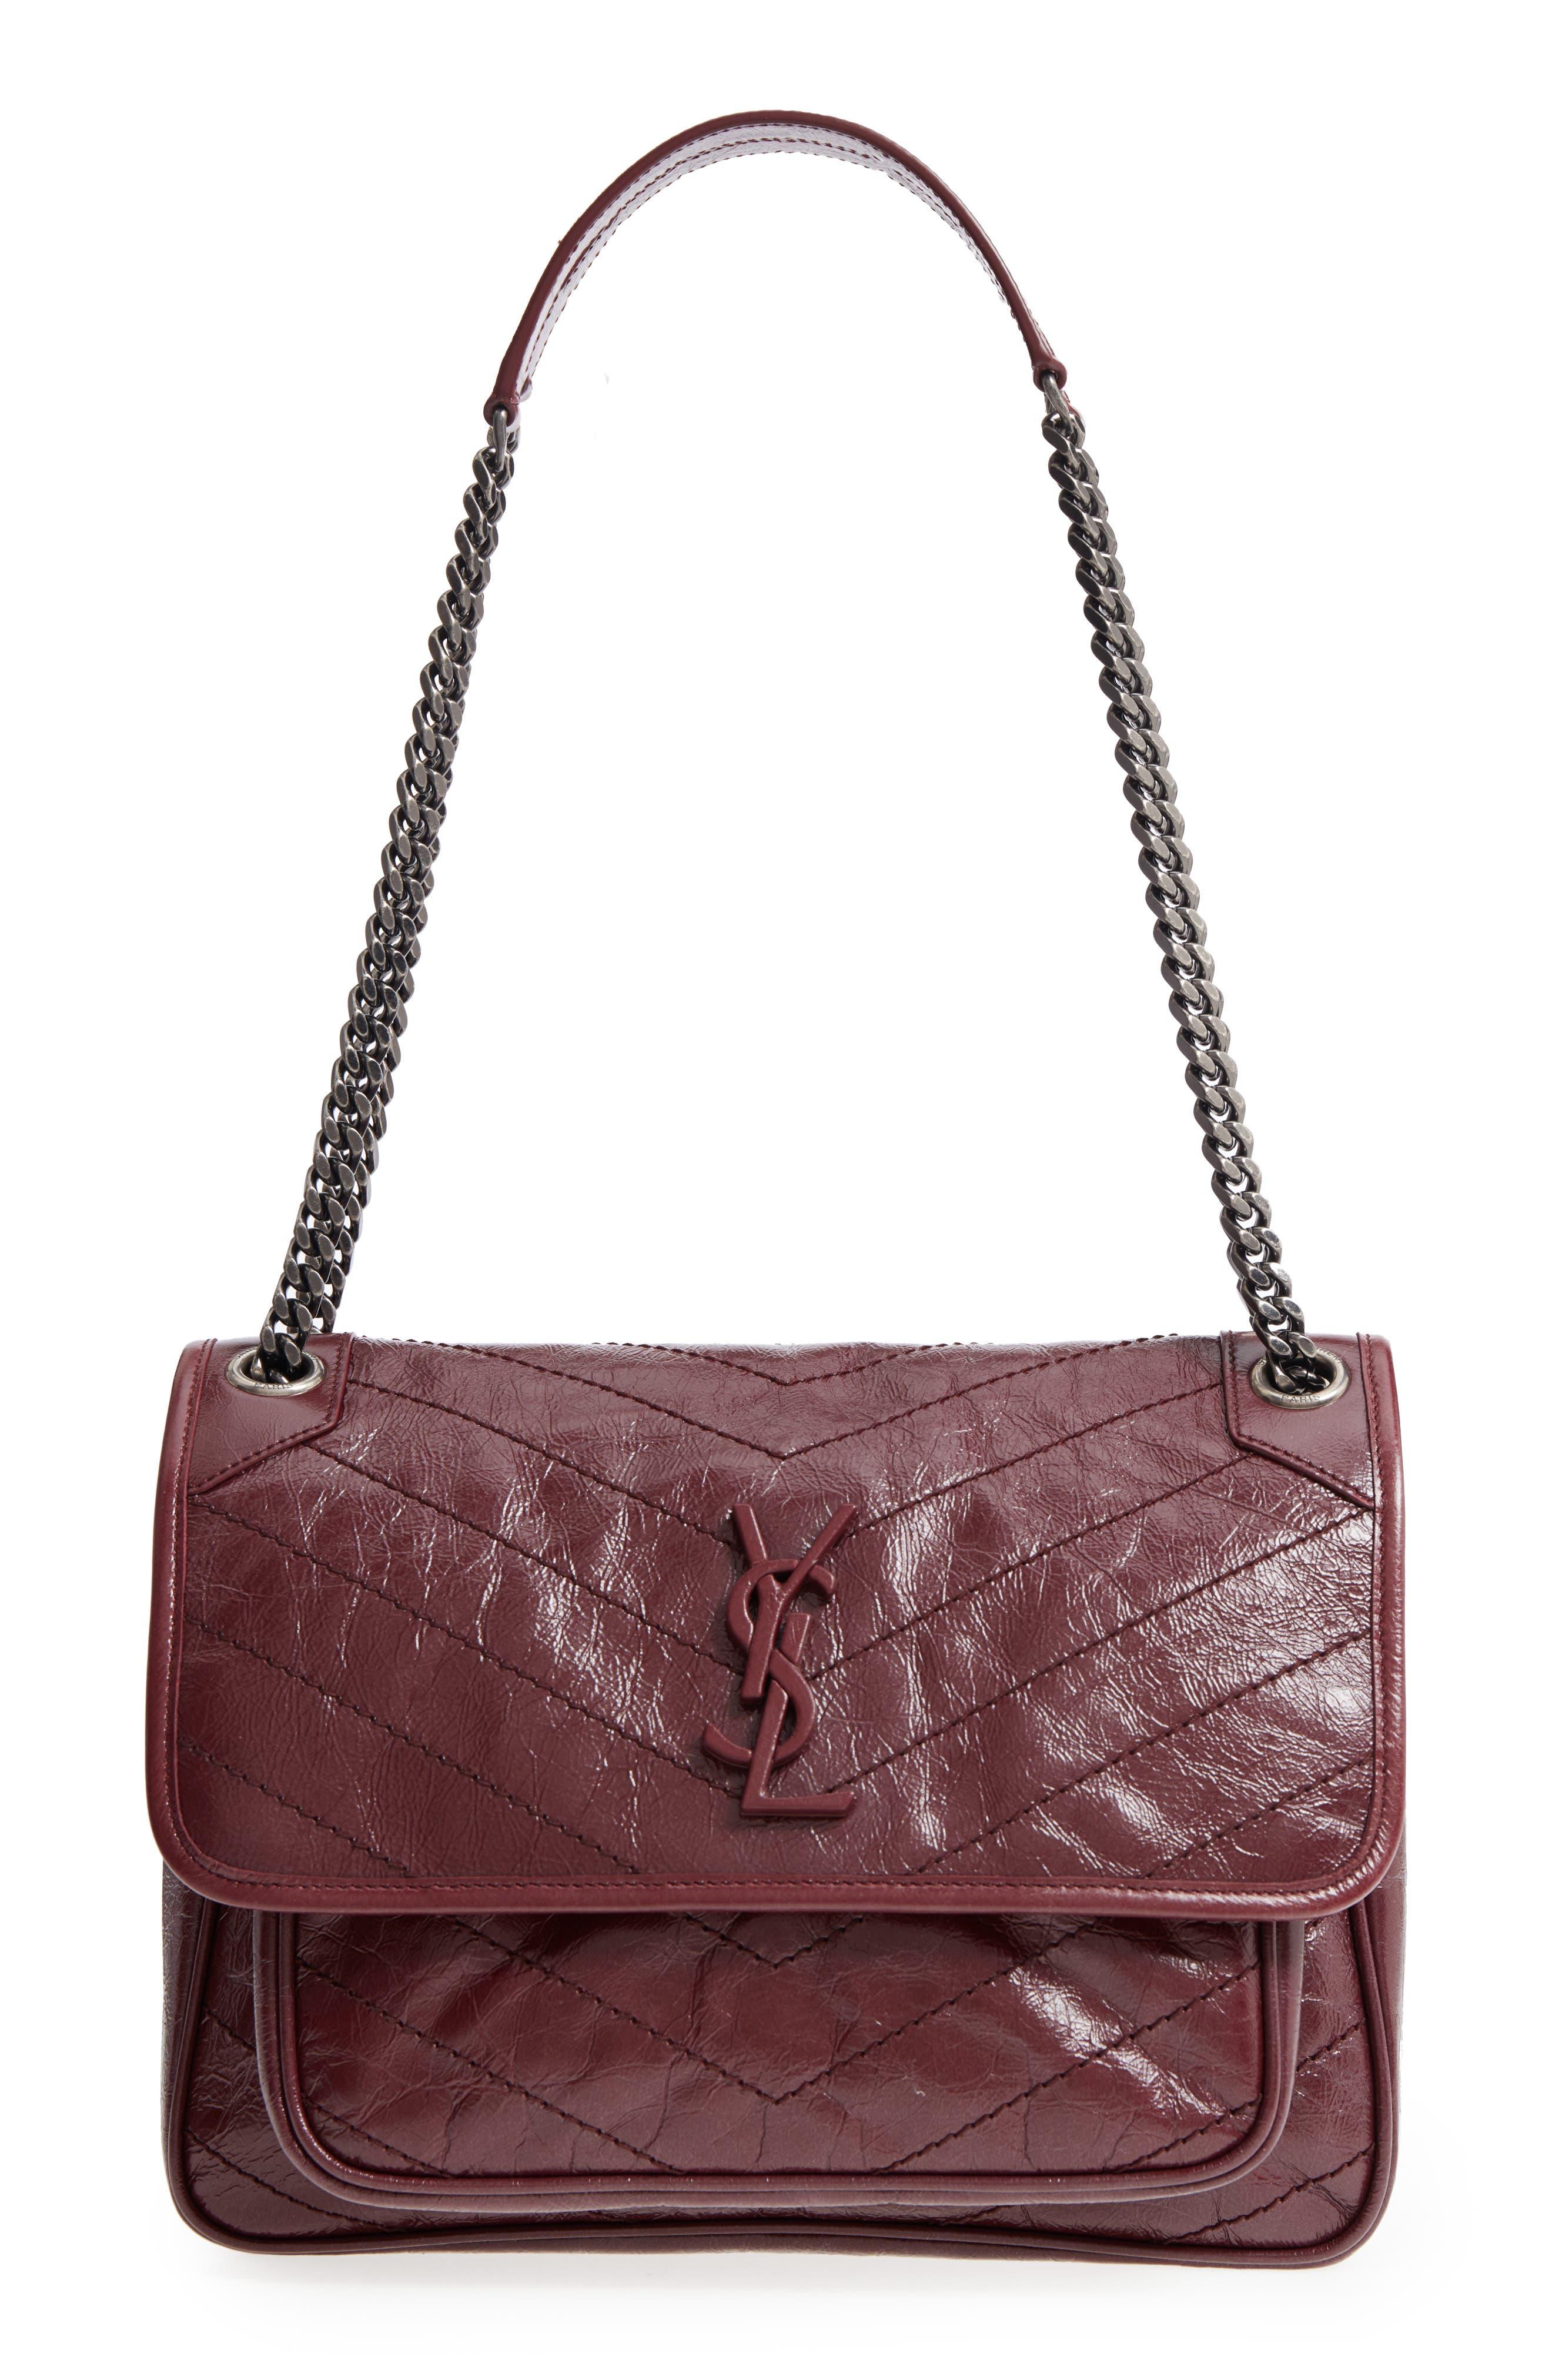 Medium Niki Leather Shoulder Bag,                         Main,                         color, Rouge Legion